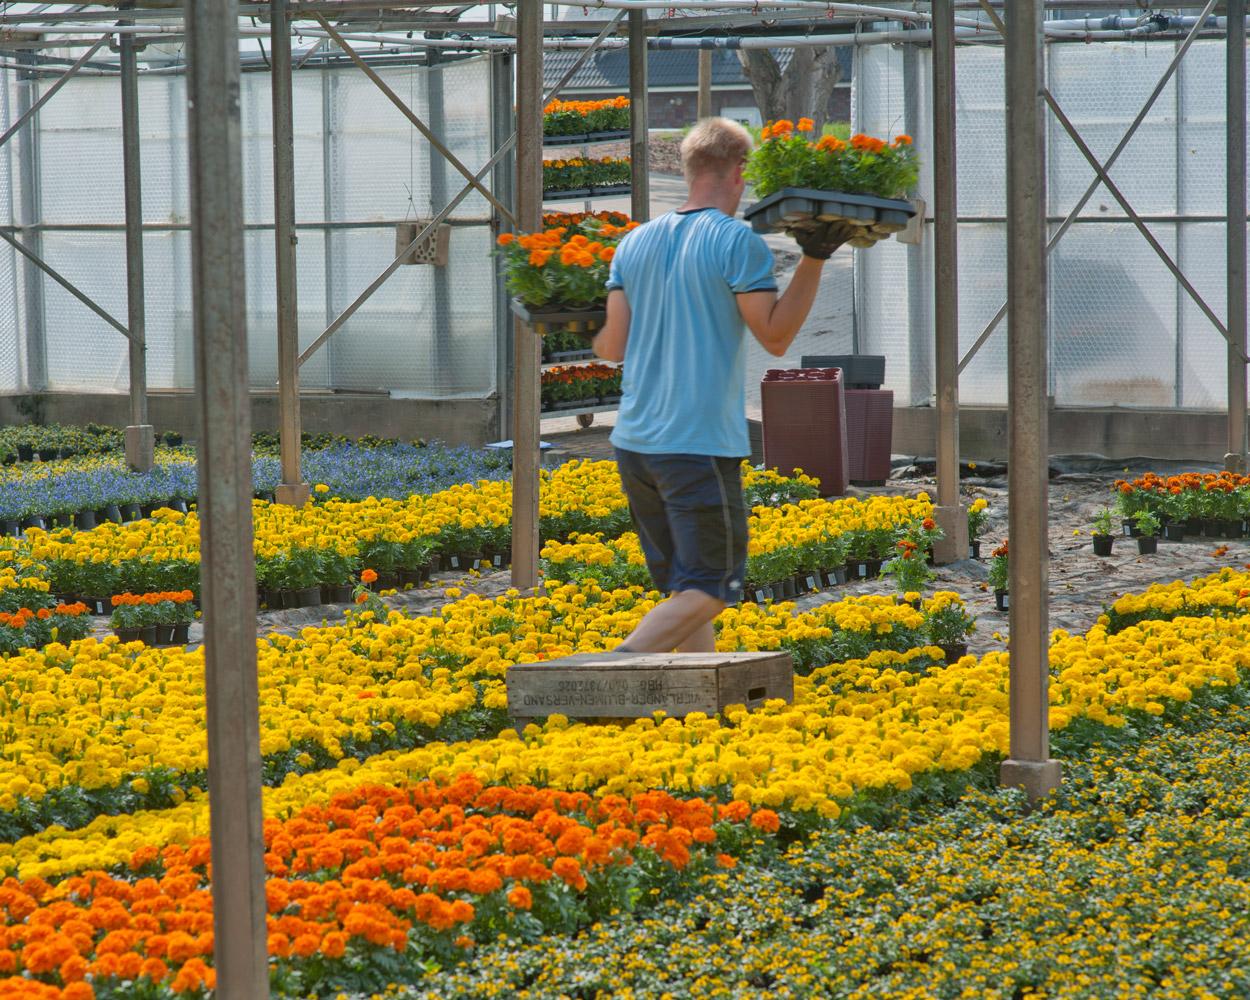 Ein Gärtner des Fachgebiets Zierpflanzenbau bei der Arbeit im Gewächshaus